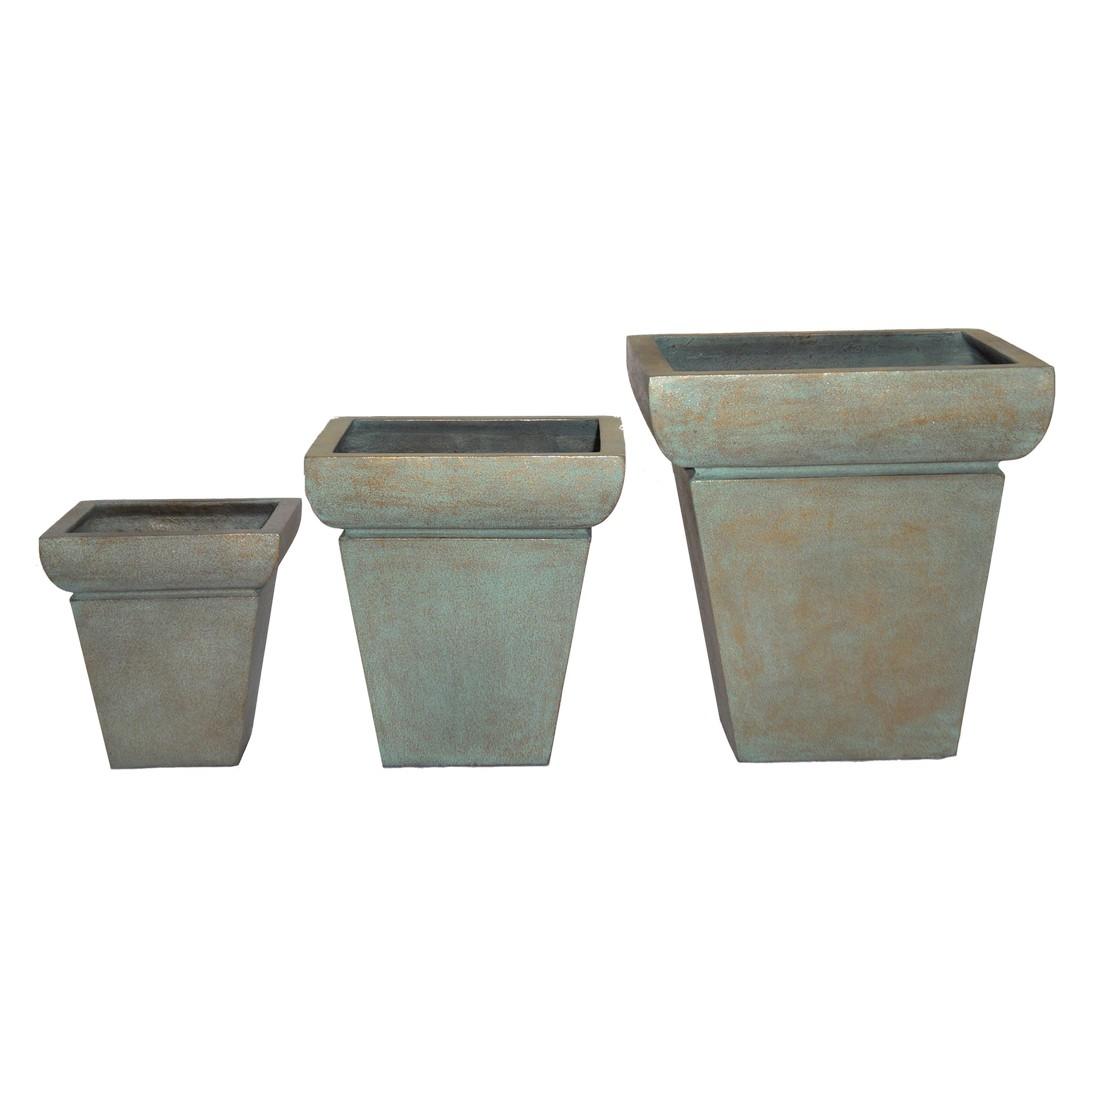 Pflanzkübel Copper Green – Kunststoff – Desgin Eckig – Mittel – 39 cm45 cm, Viducci's Garden bestellen